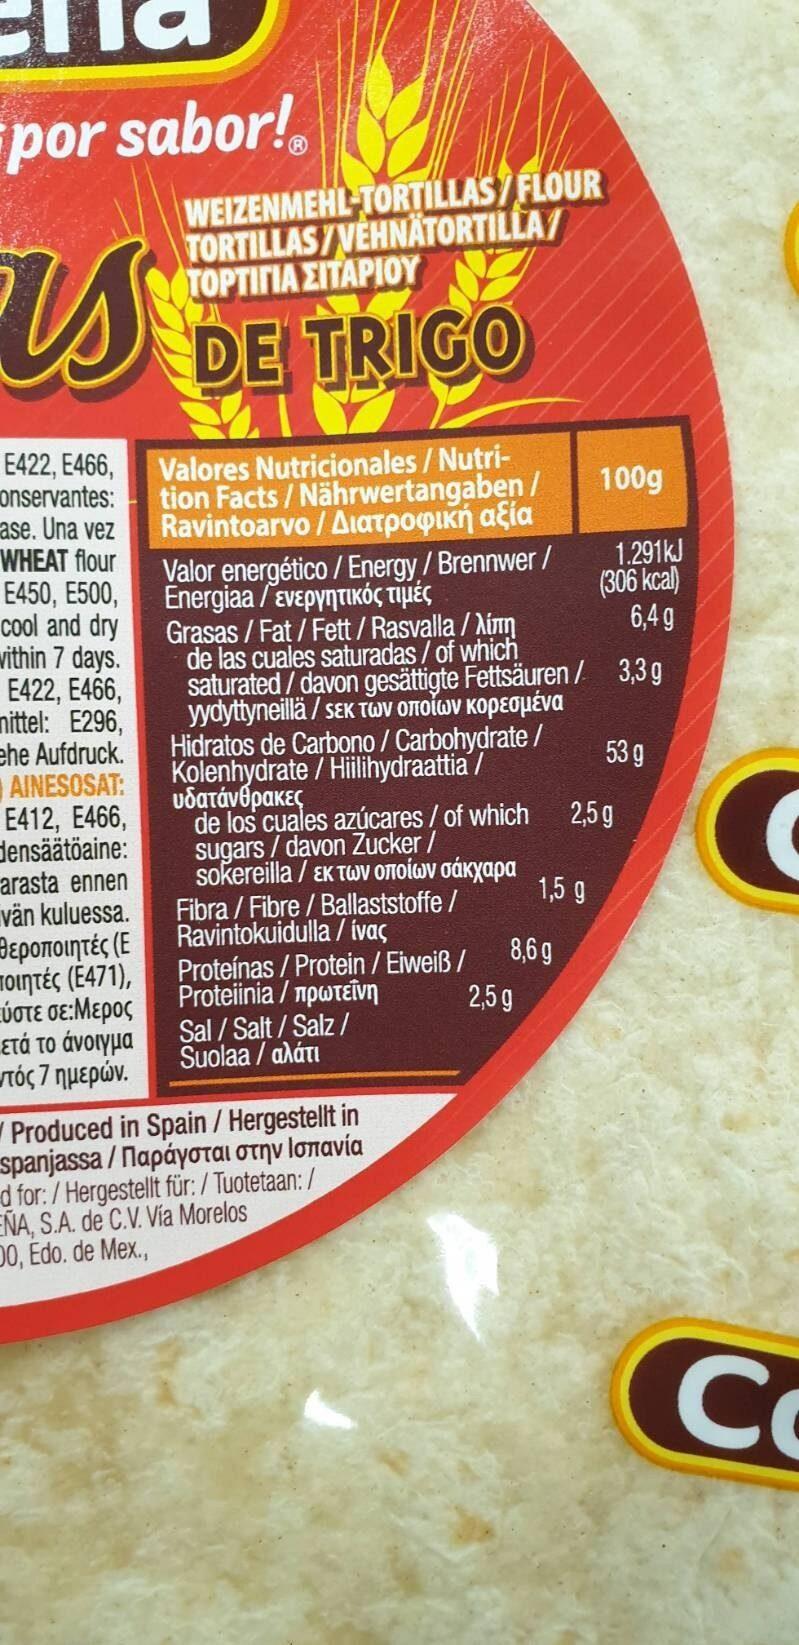 Tortilla de trigo bolsa 320 g - Información nutricional